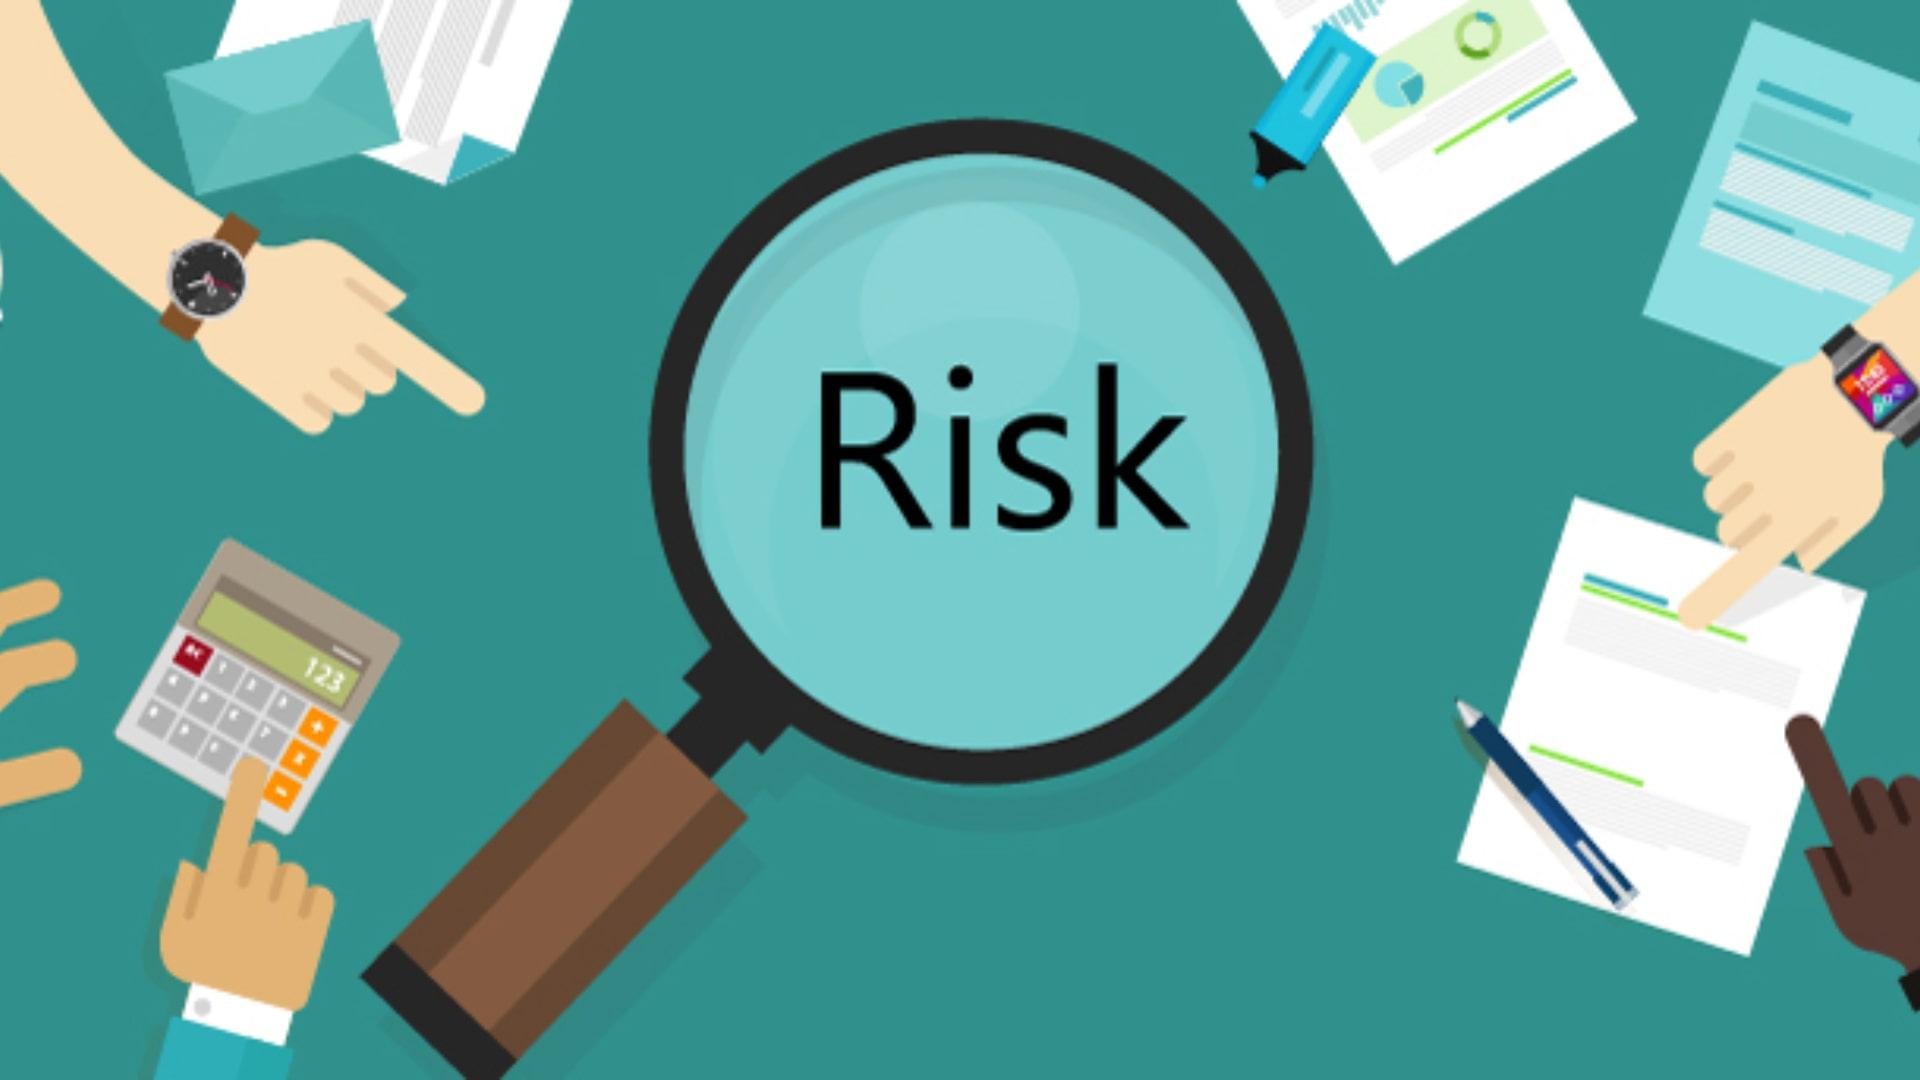 【介護ソフト】セキュリティは大丈夫?情報漏洩のリスク